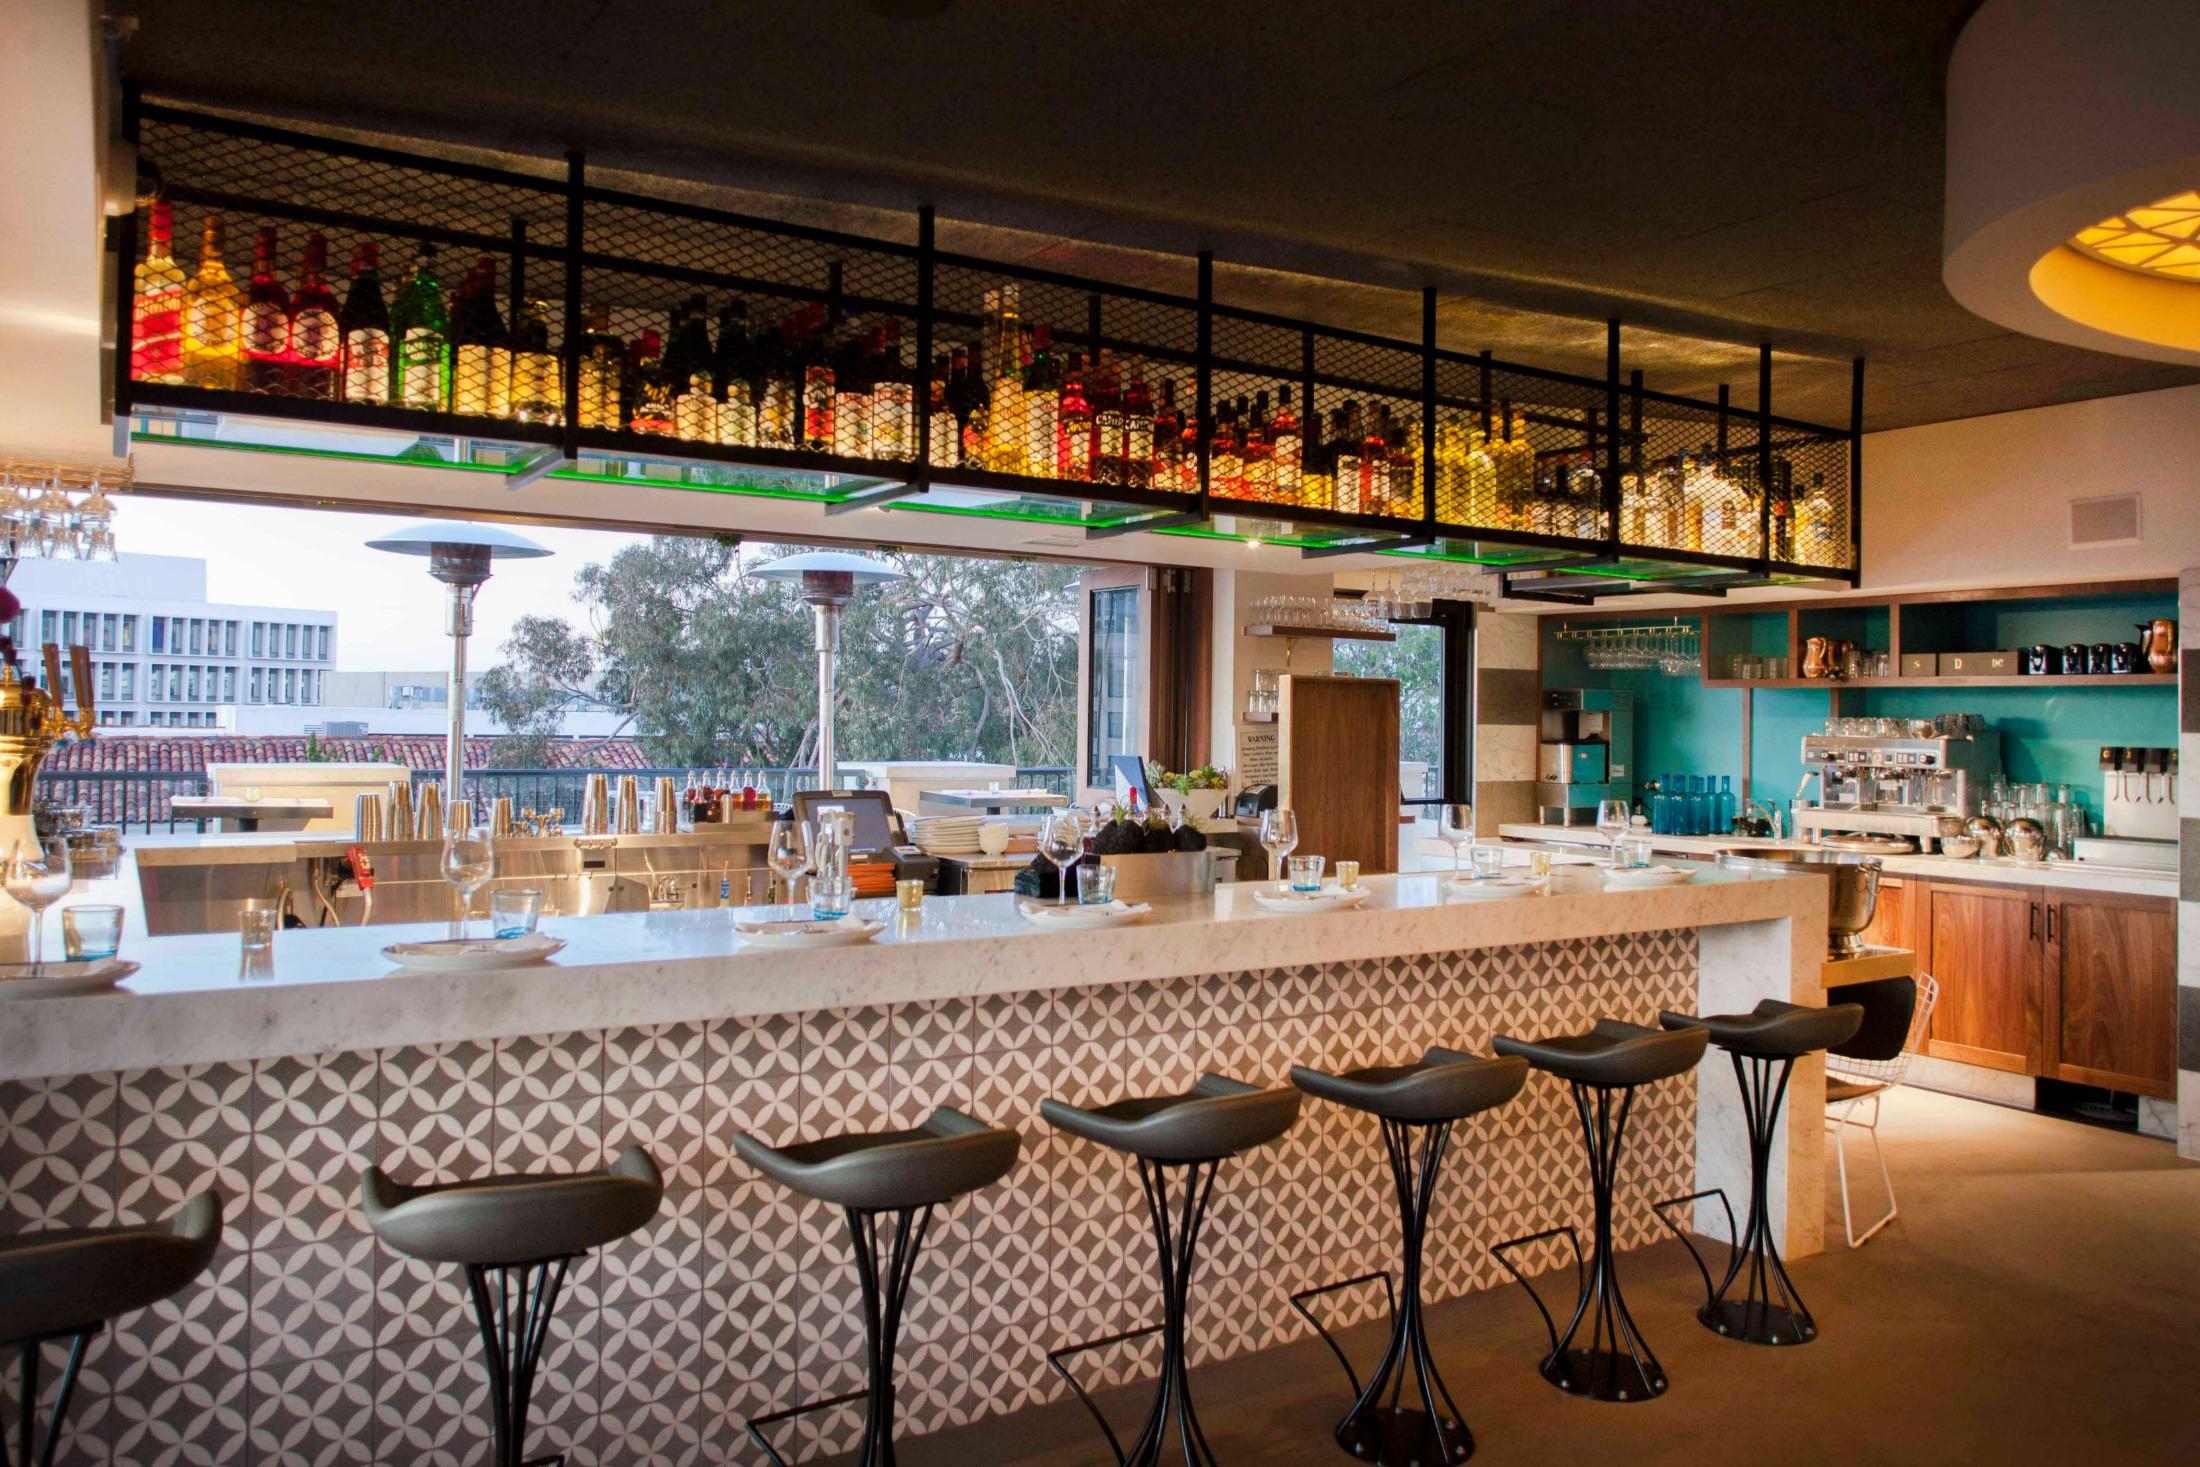 The bar area at Catania in La Jolla.